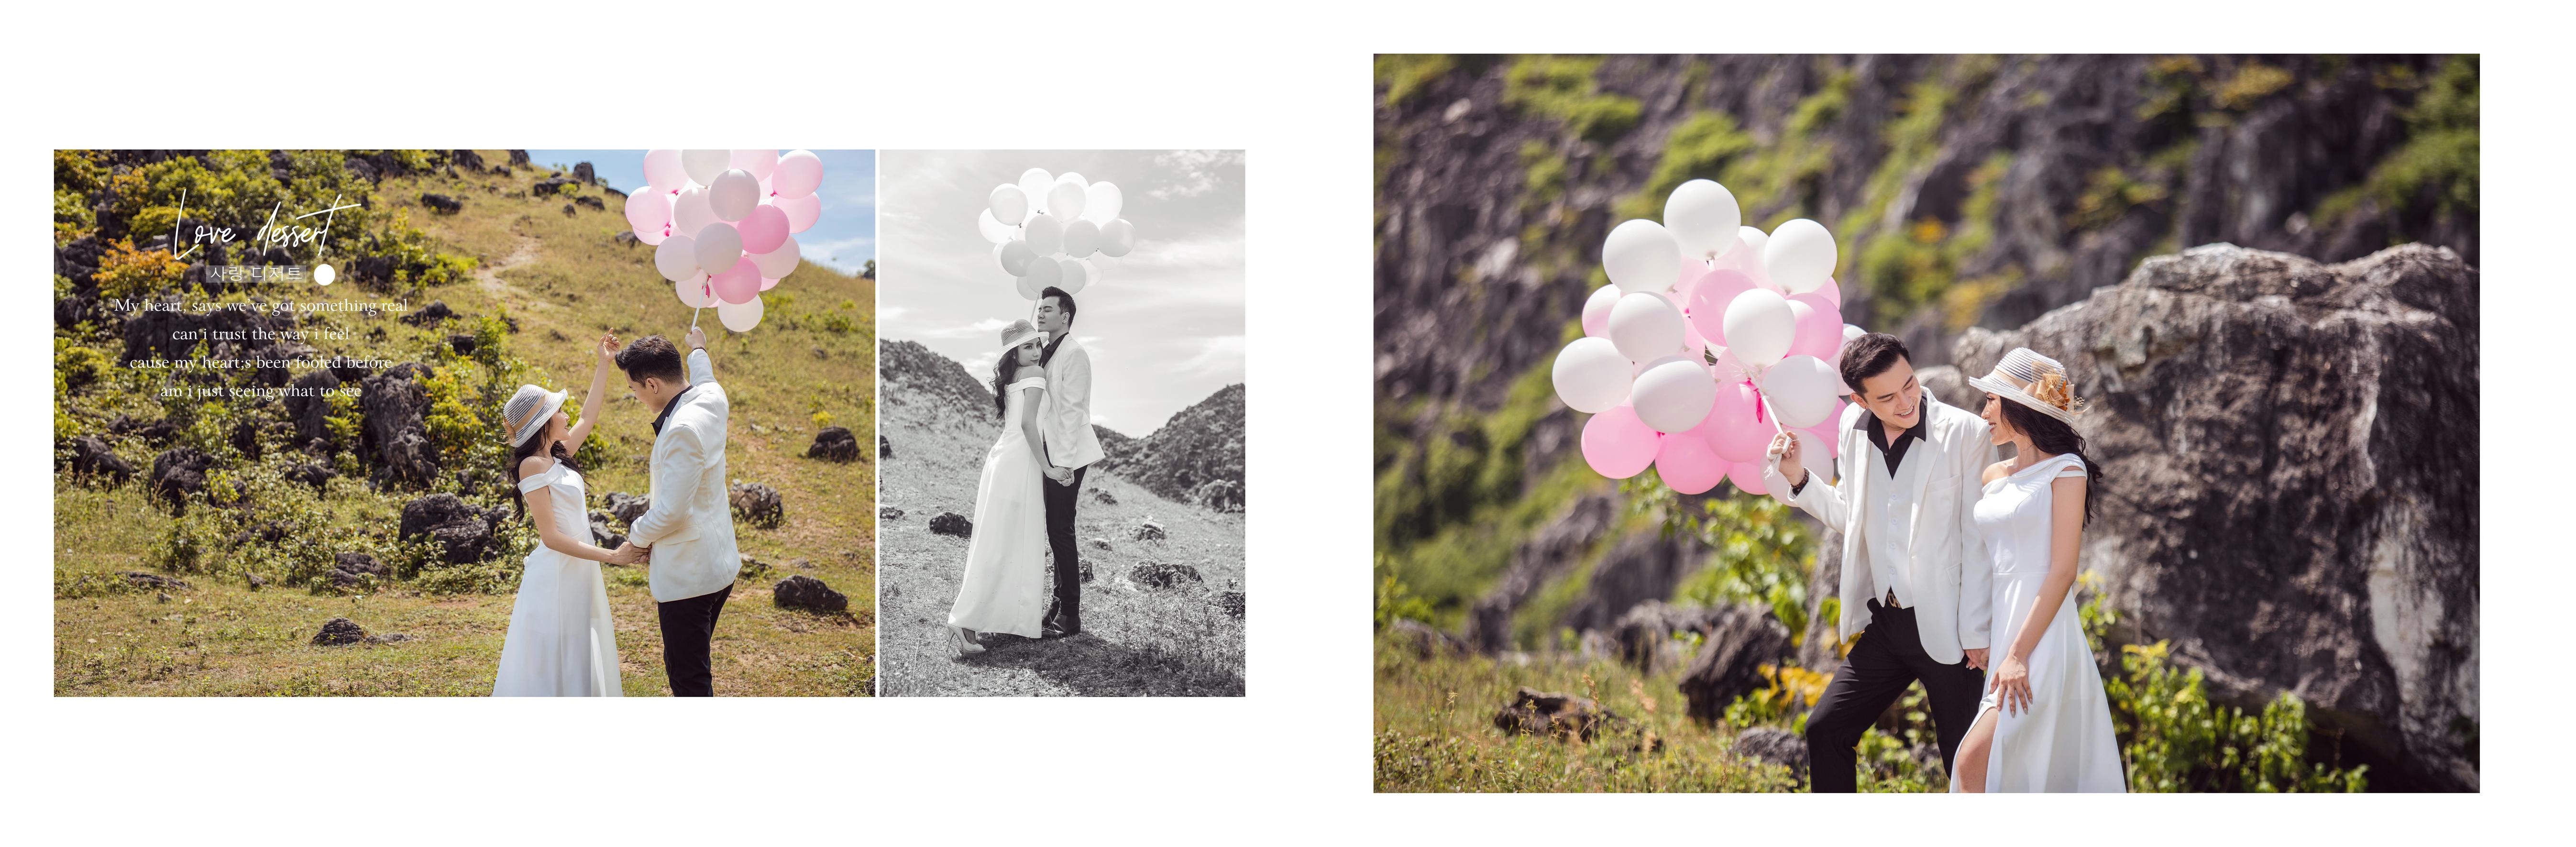 Chụp ảnh cưới ở Chùa Tiên Ninh Bình !